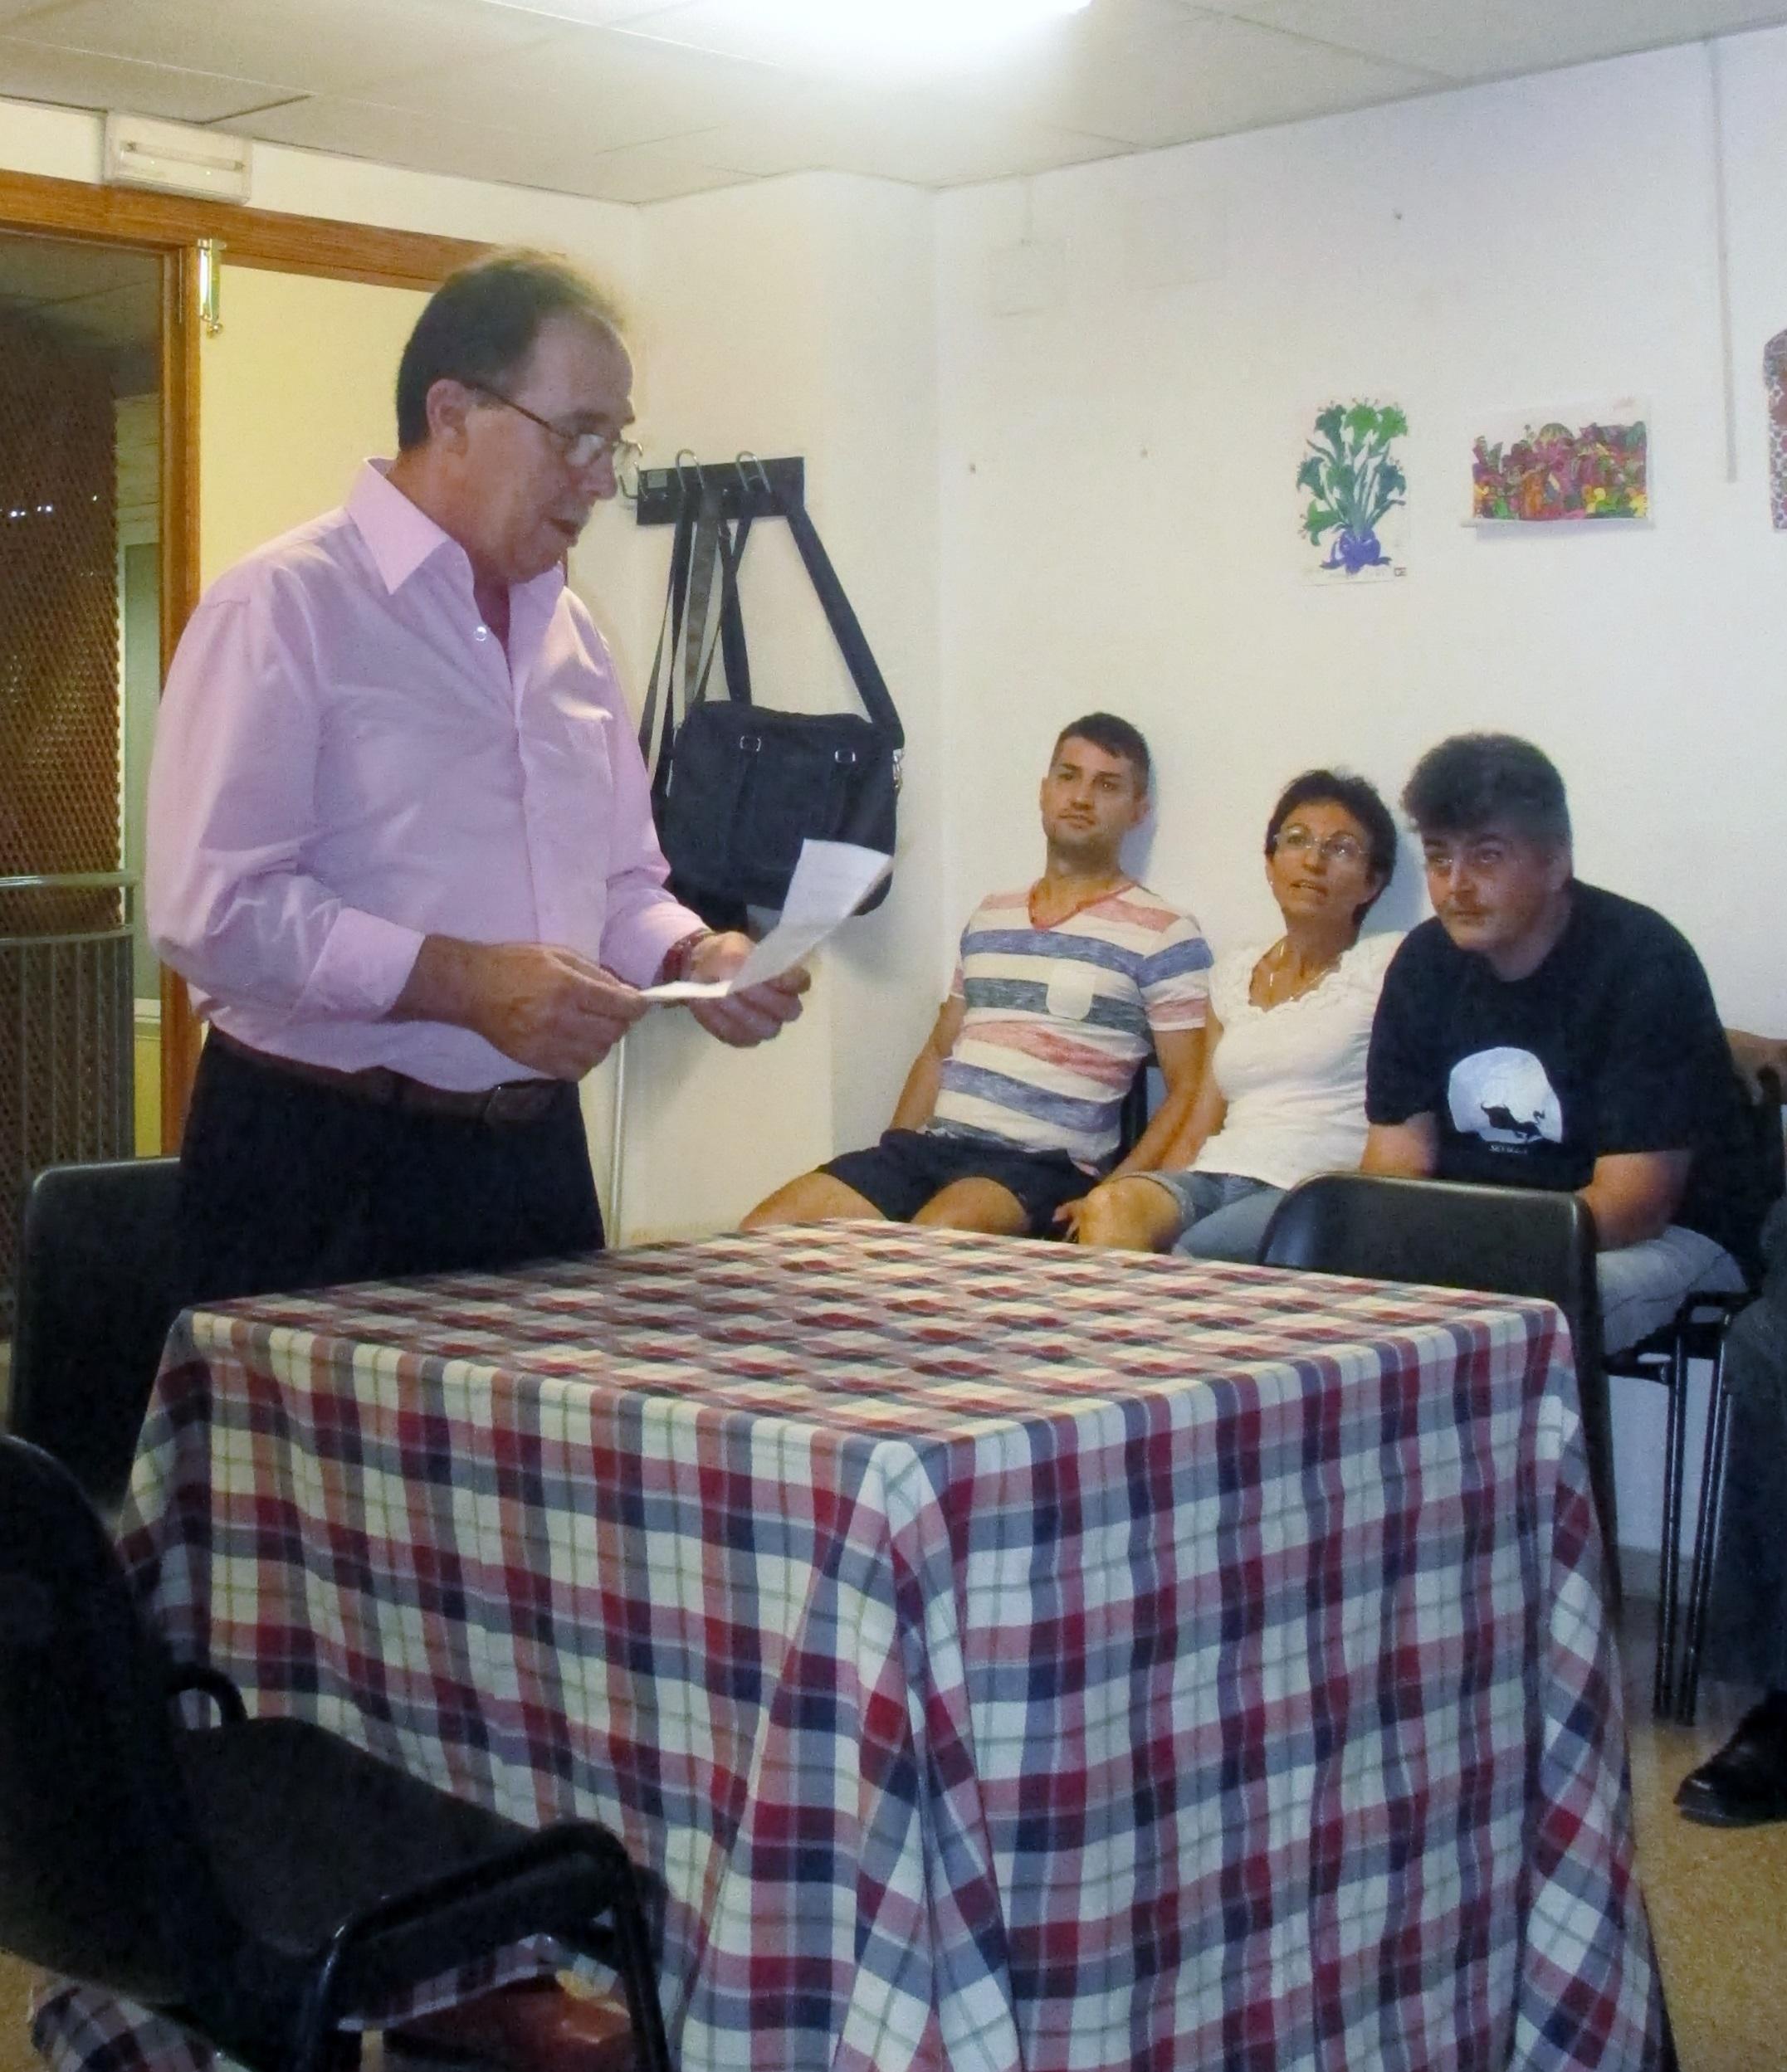 El presidente de APAEX, Manuel Agulló, presentando la ceremonia de los diplomas.